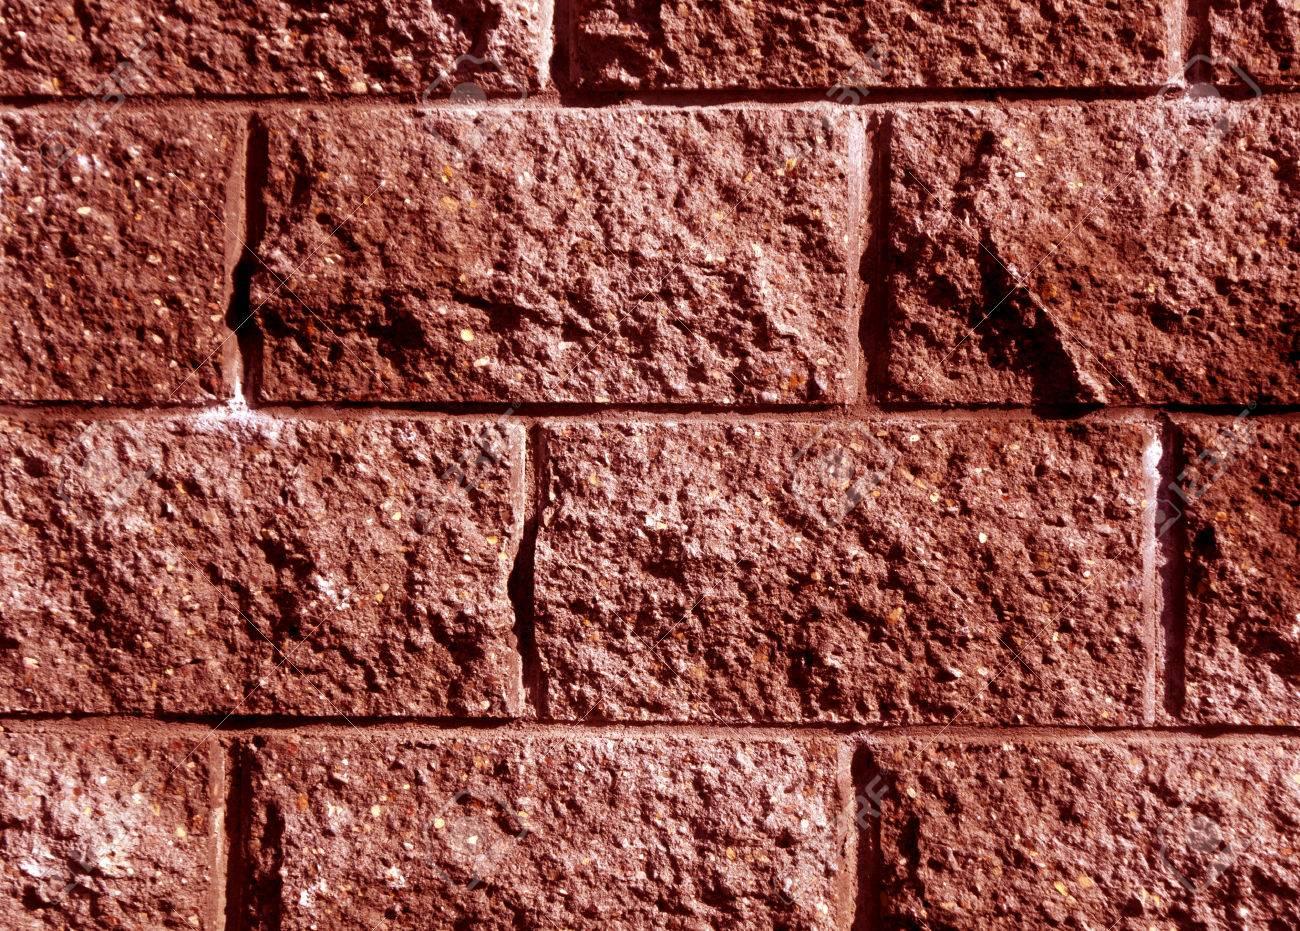 Modele De Mur De Brique Stylisee De Couleur Rouge Abstrait Et